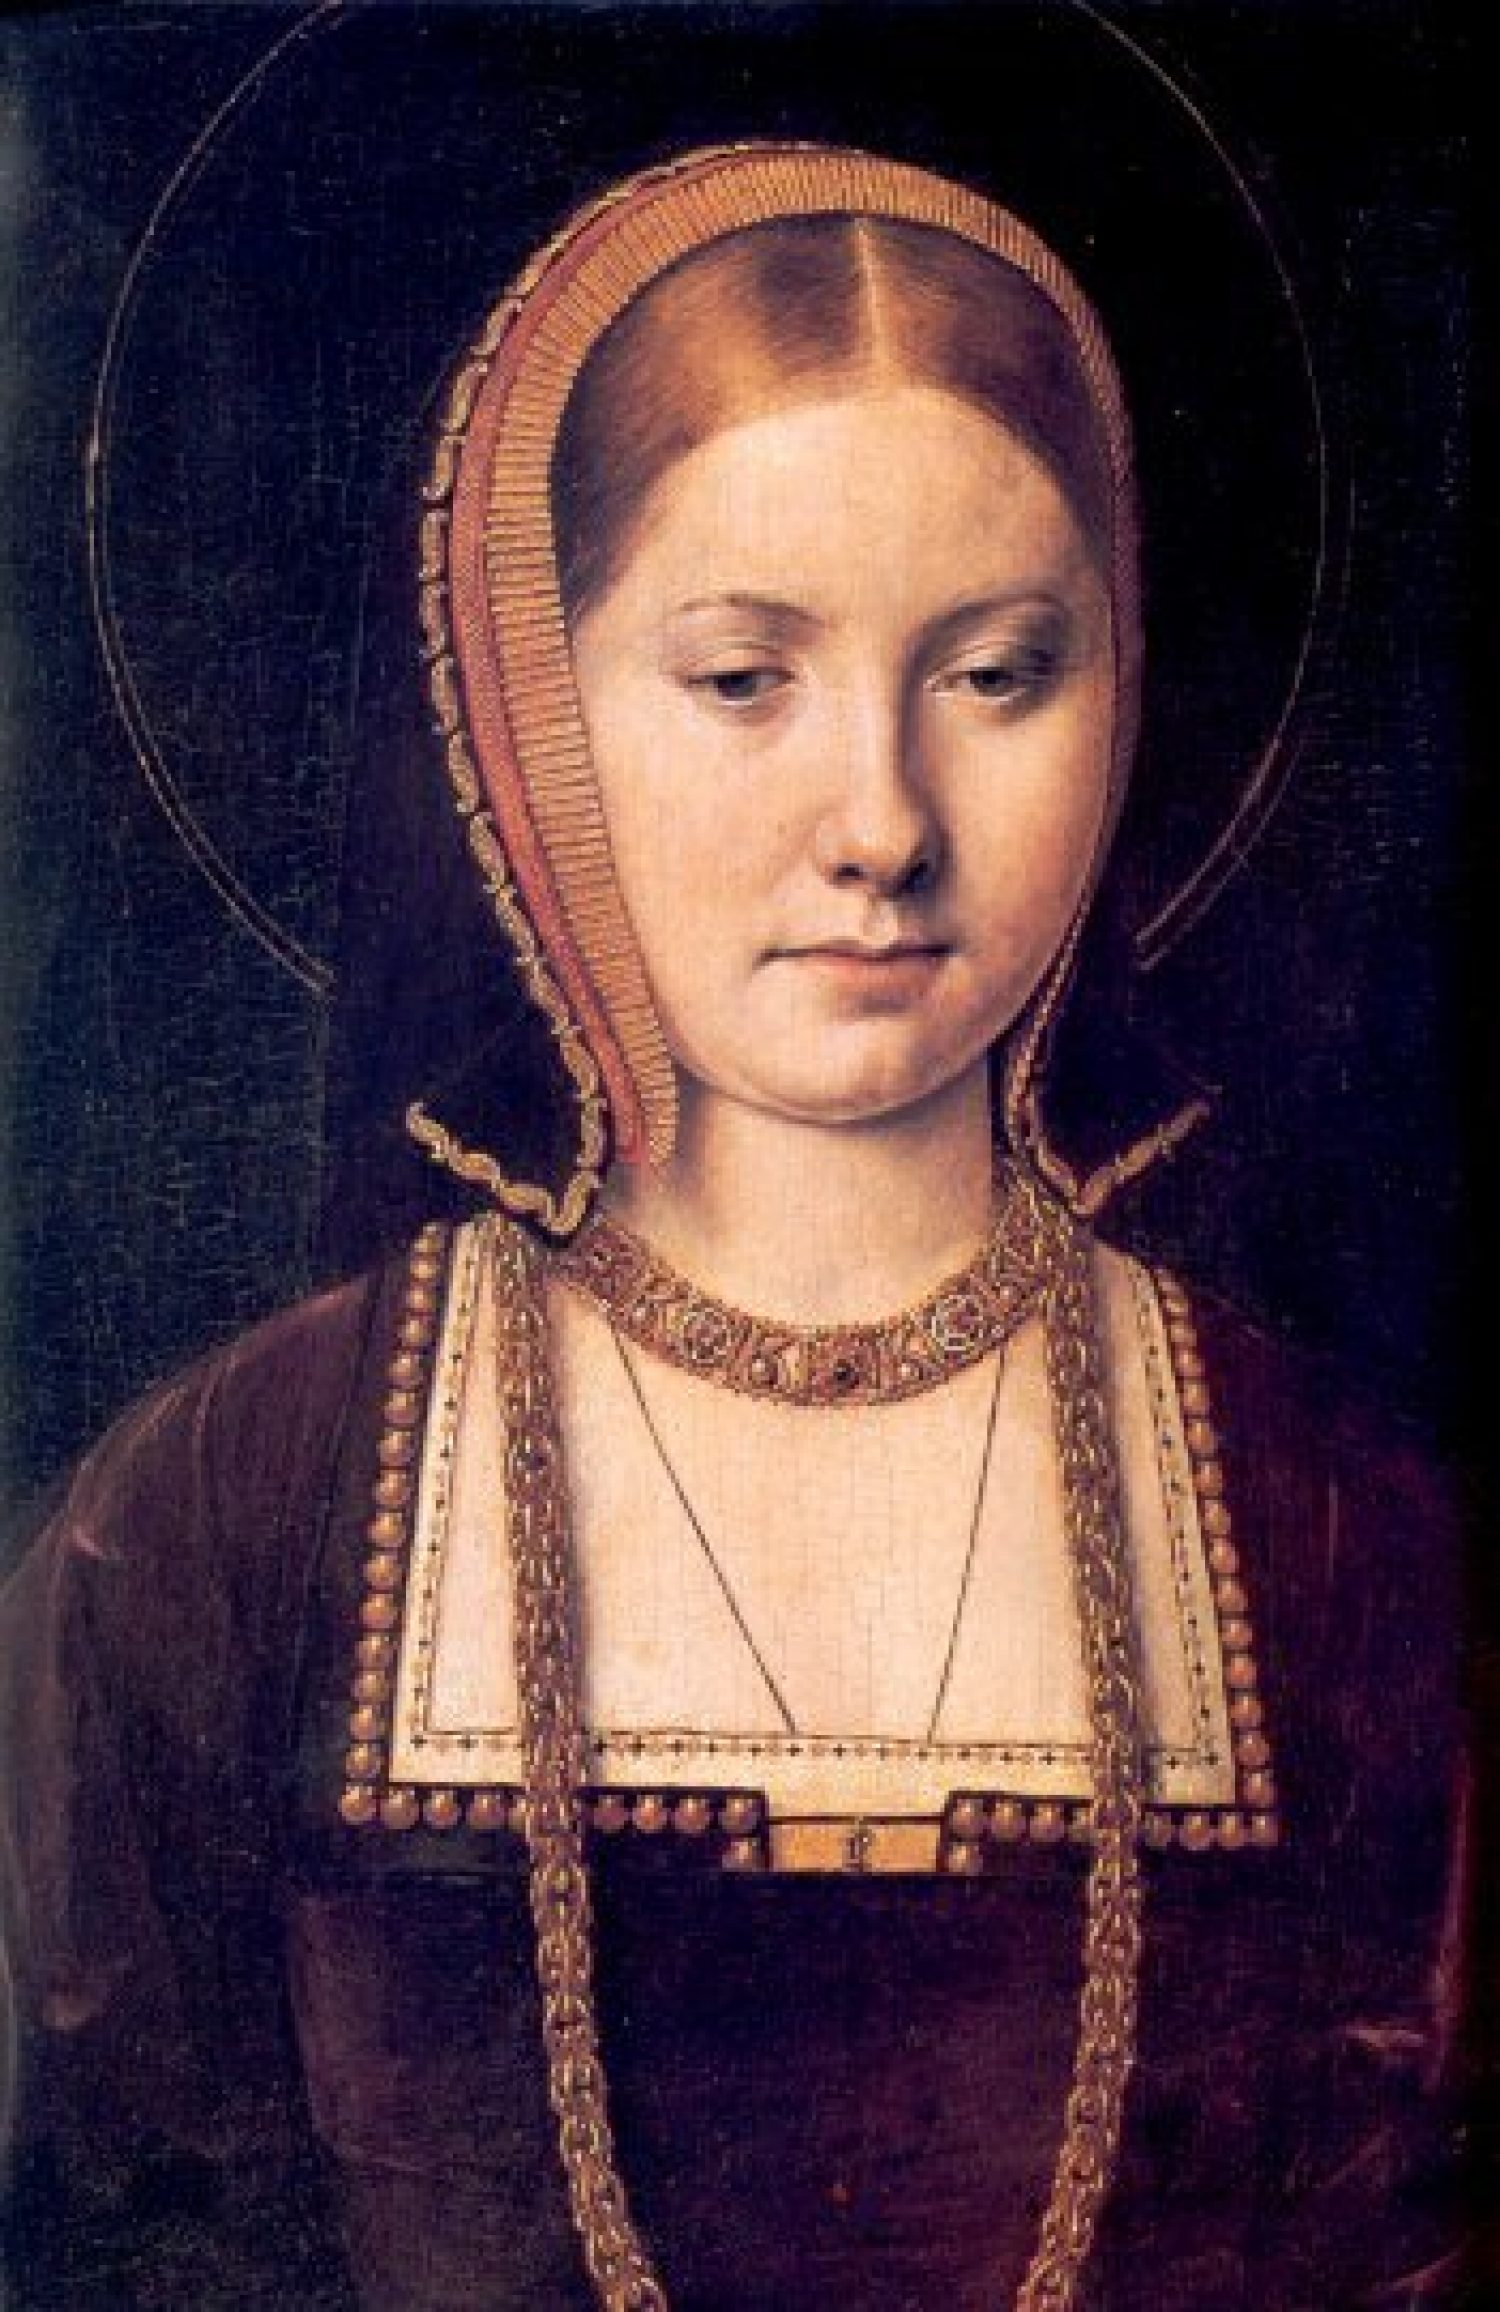 Head and shoulders portrait of Katherine Parr